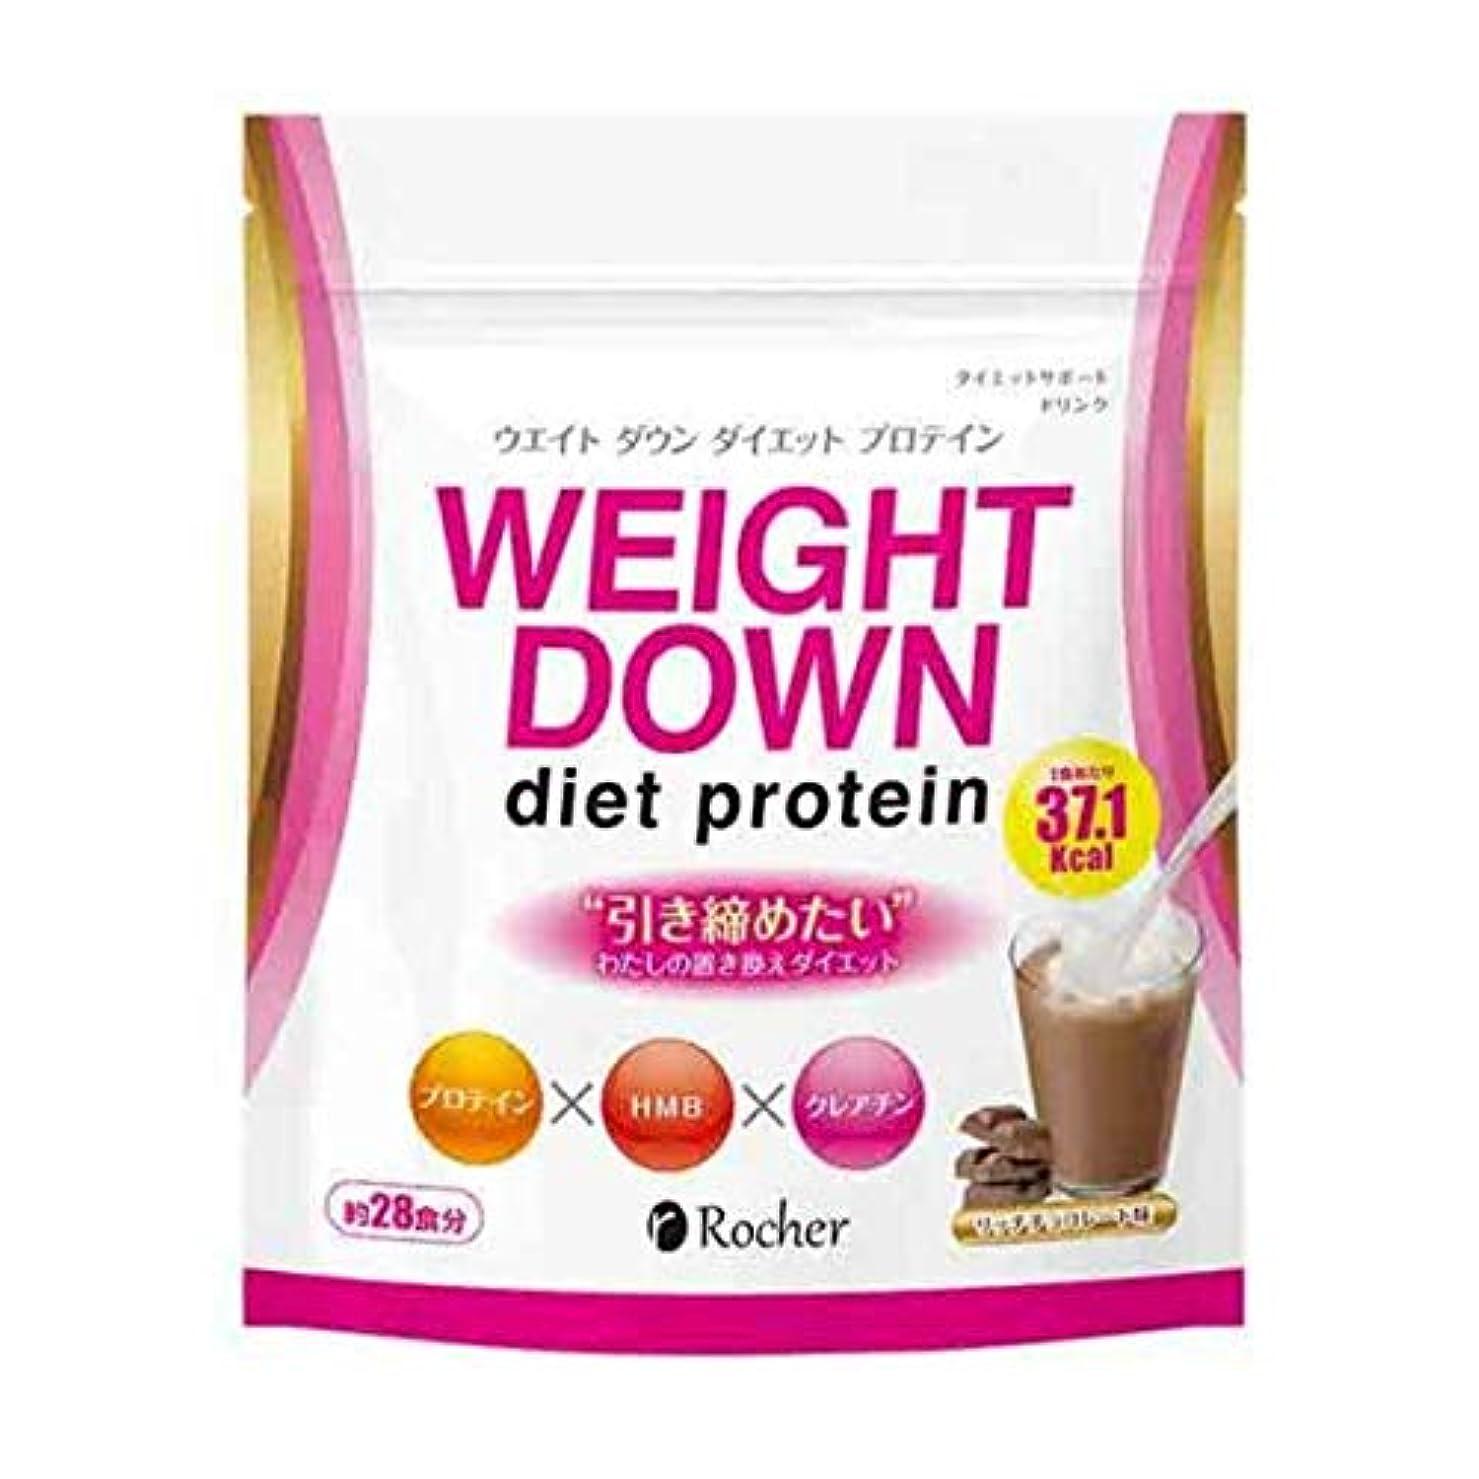 レジデンス中古きちんとした初回限定!マドラーセット ウェイトダウン ダイエットプロテイン 置き換えダイエット!栄養バランを考えて作られたダイエットプロテイン シェイカー要らず?